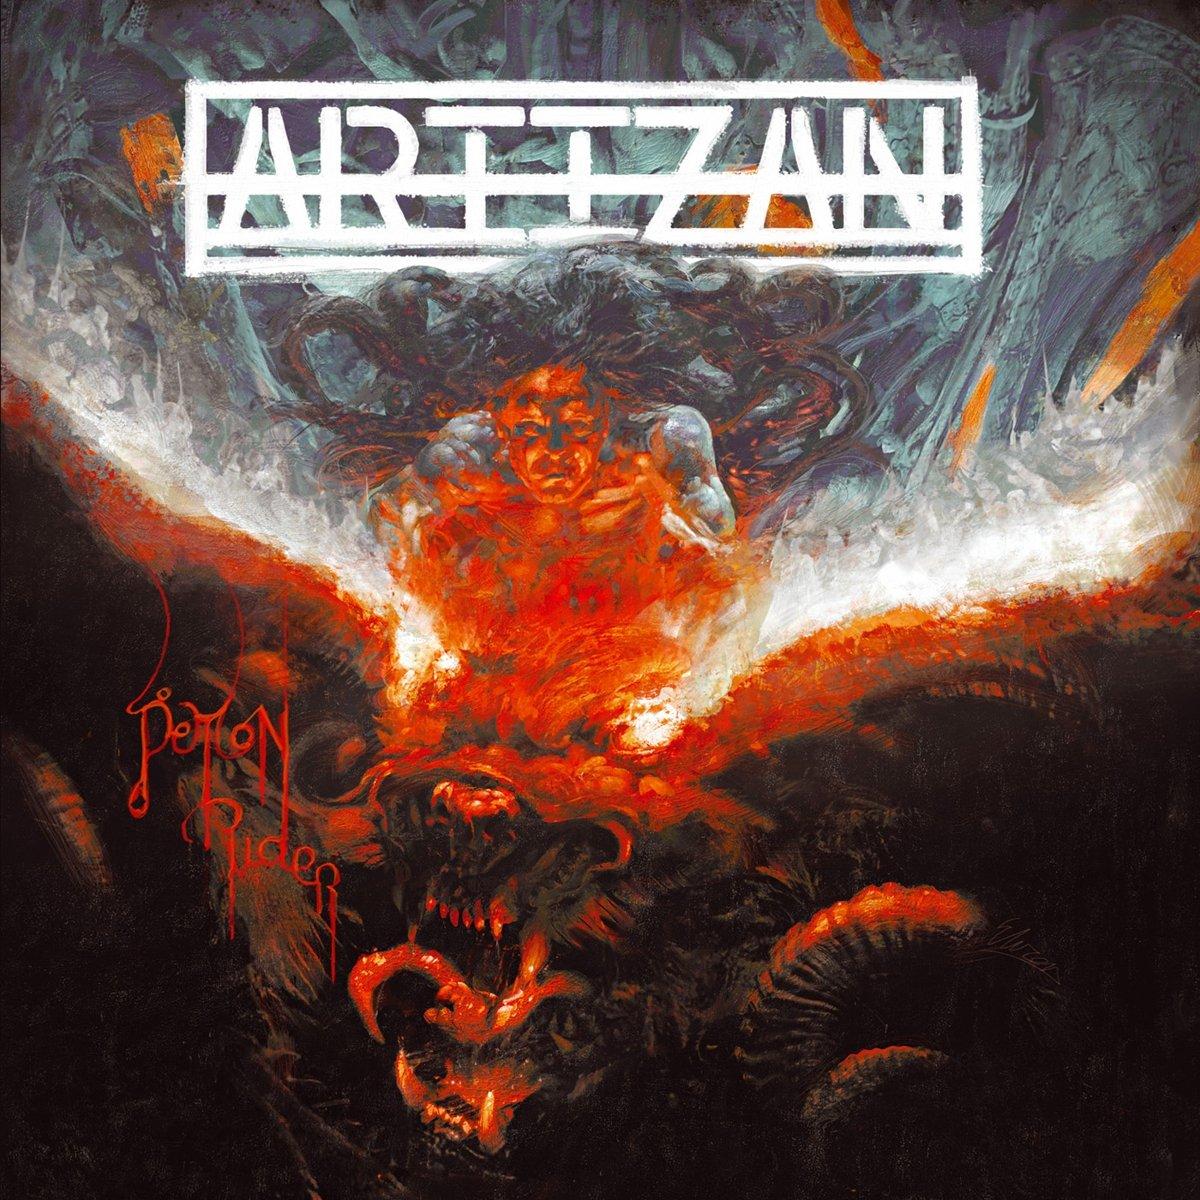 Vinilo : Artizan - Demon Rider (United Kingdom - Import)